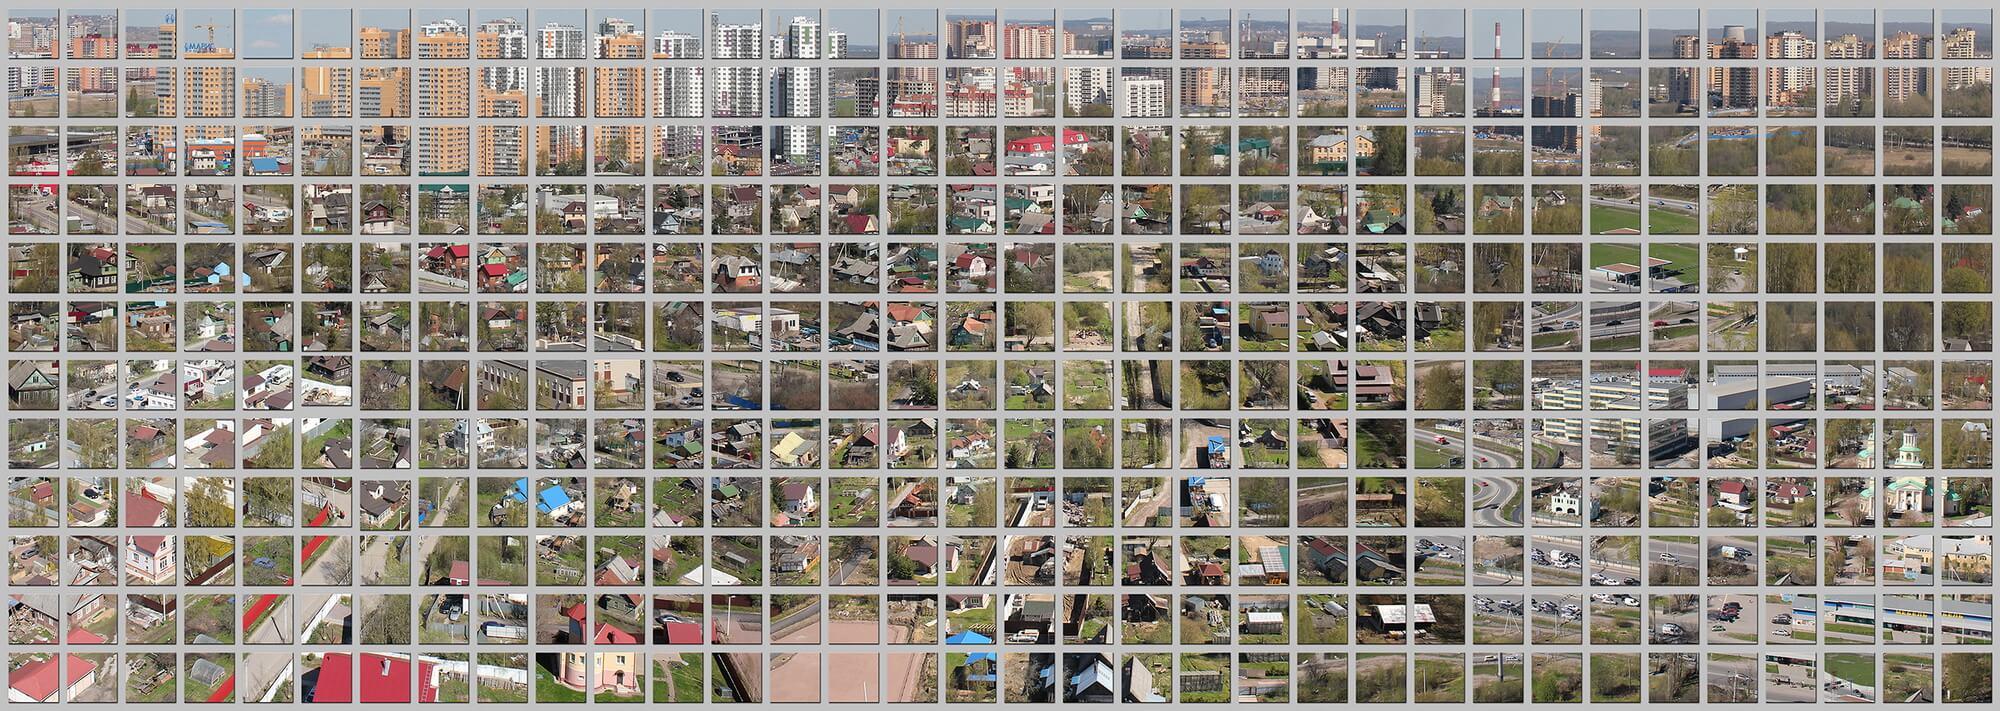 Экспозиция на выставке Digital Urbanism